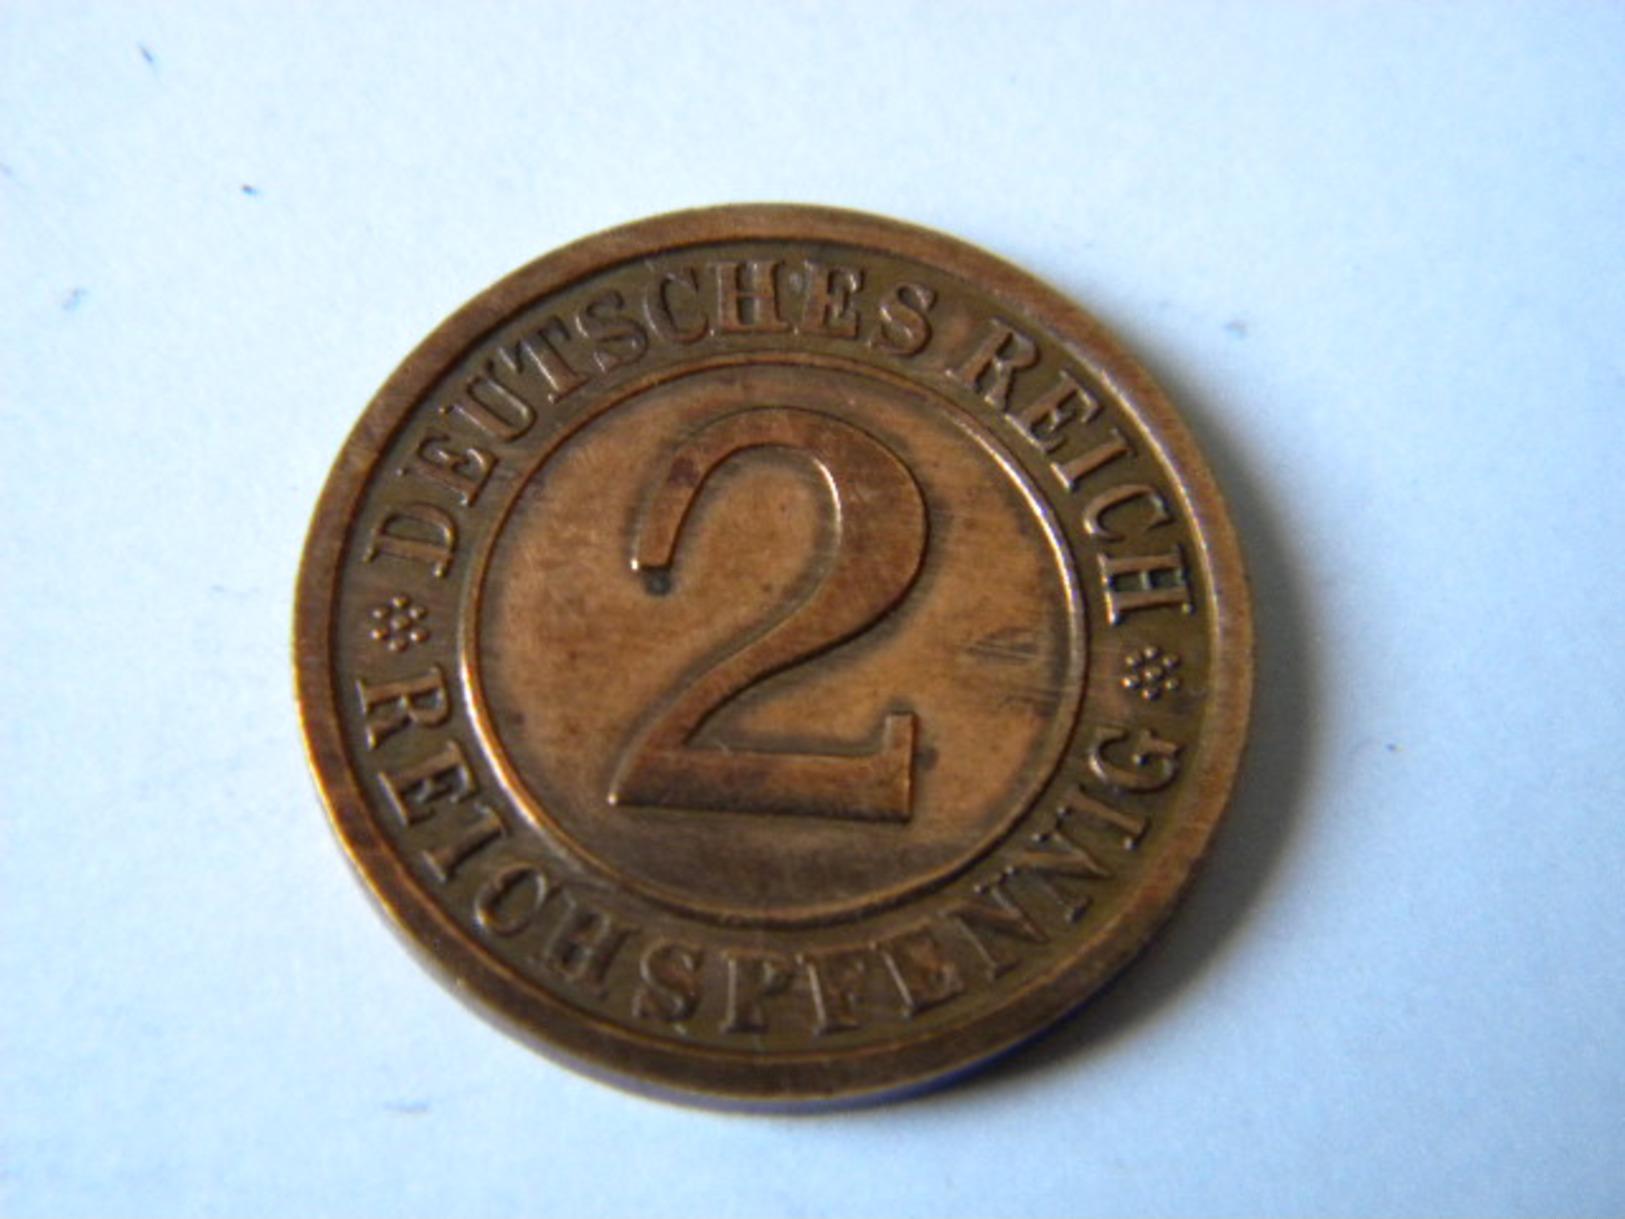 ALLEMAGNE -III REICH - 2 REICHSPFENNIG 1936.D. - 2 Reichspfennig